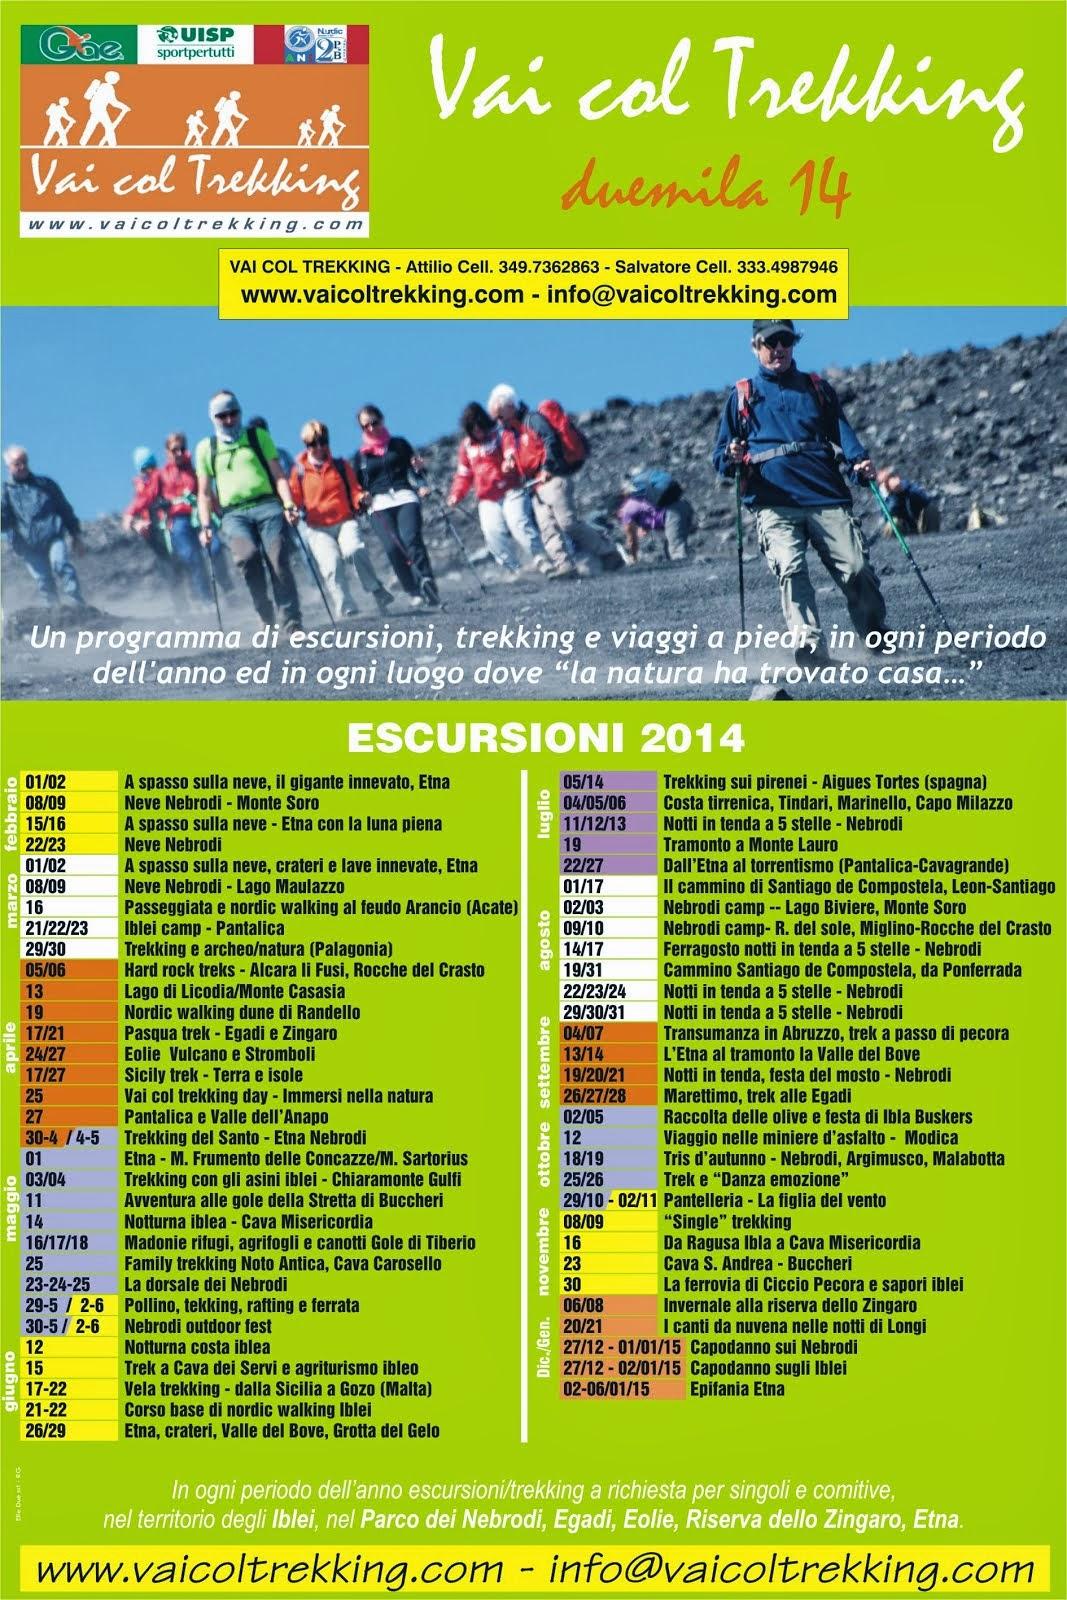 Calendario Trekking ed Escursioni 2014